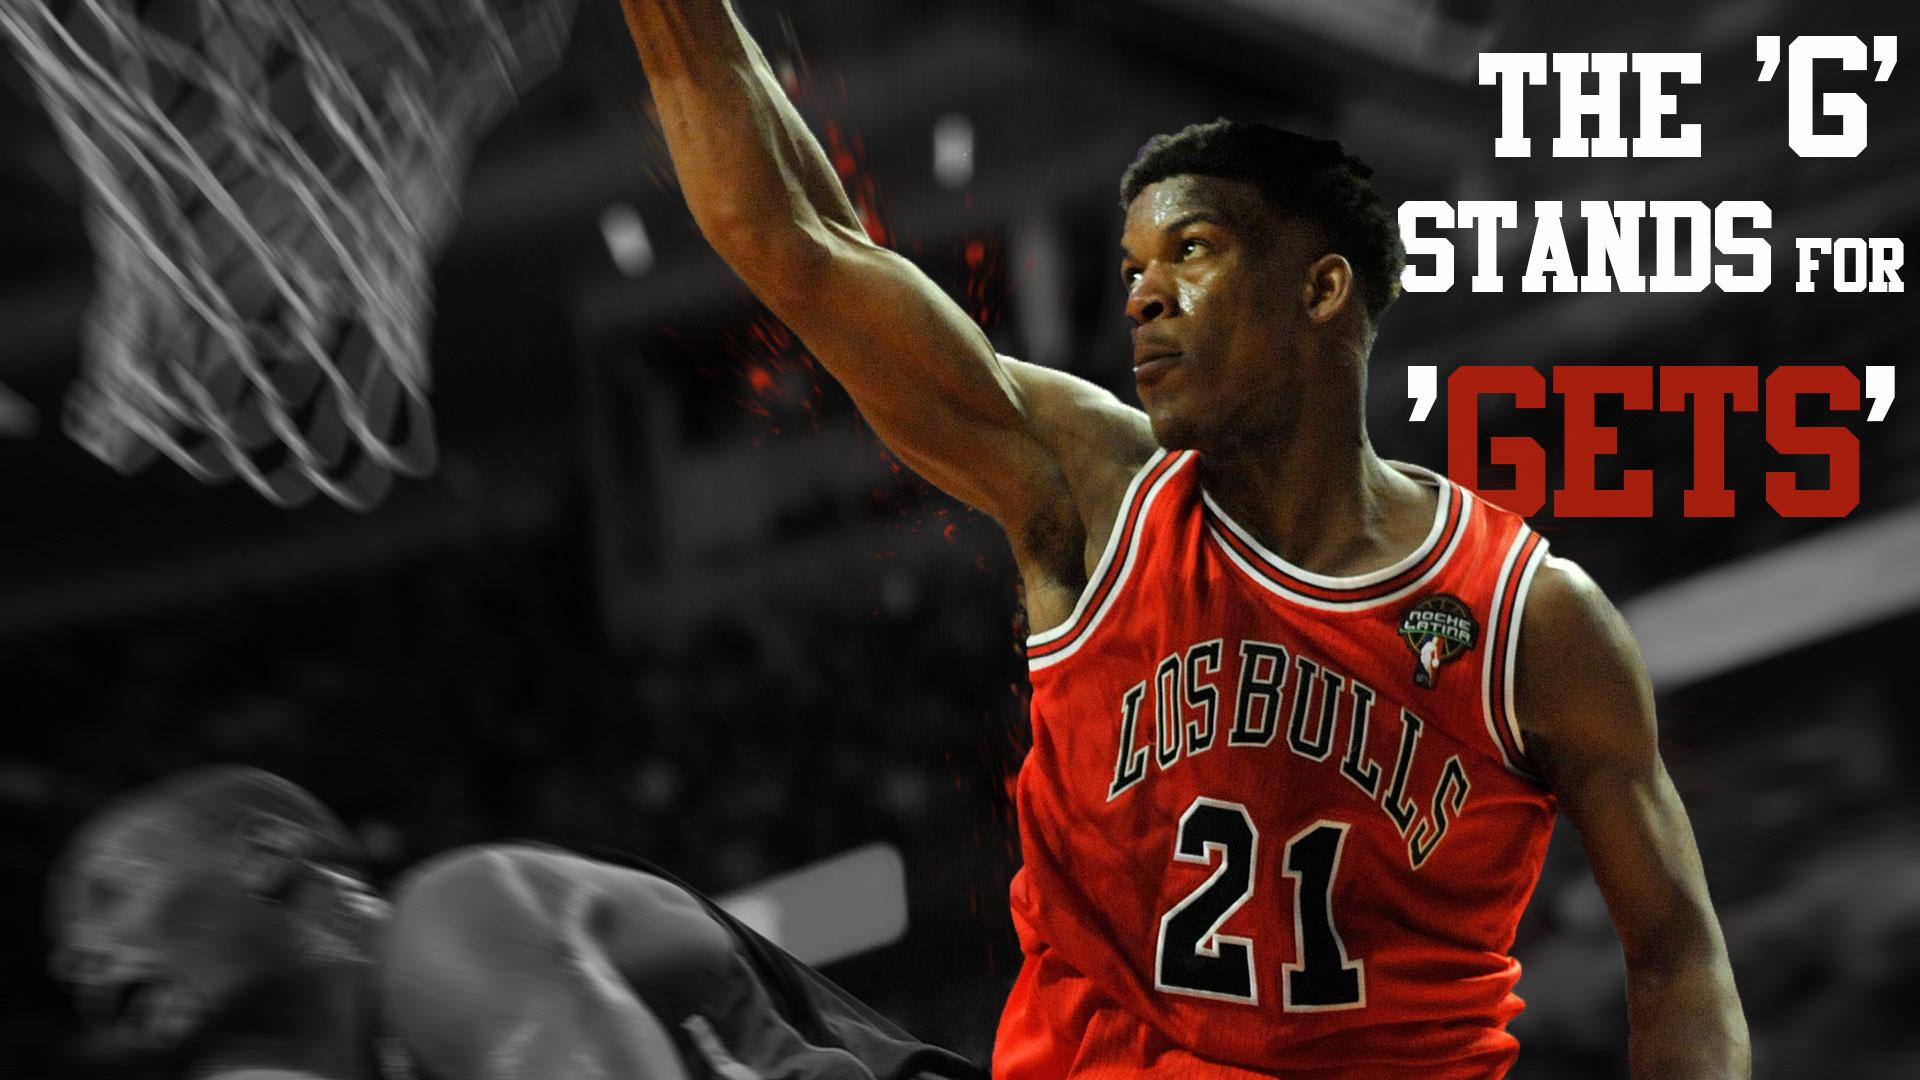 Jimmy Butler Chicago Bulls HD Wallpaper 2013 1920x1080